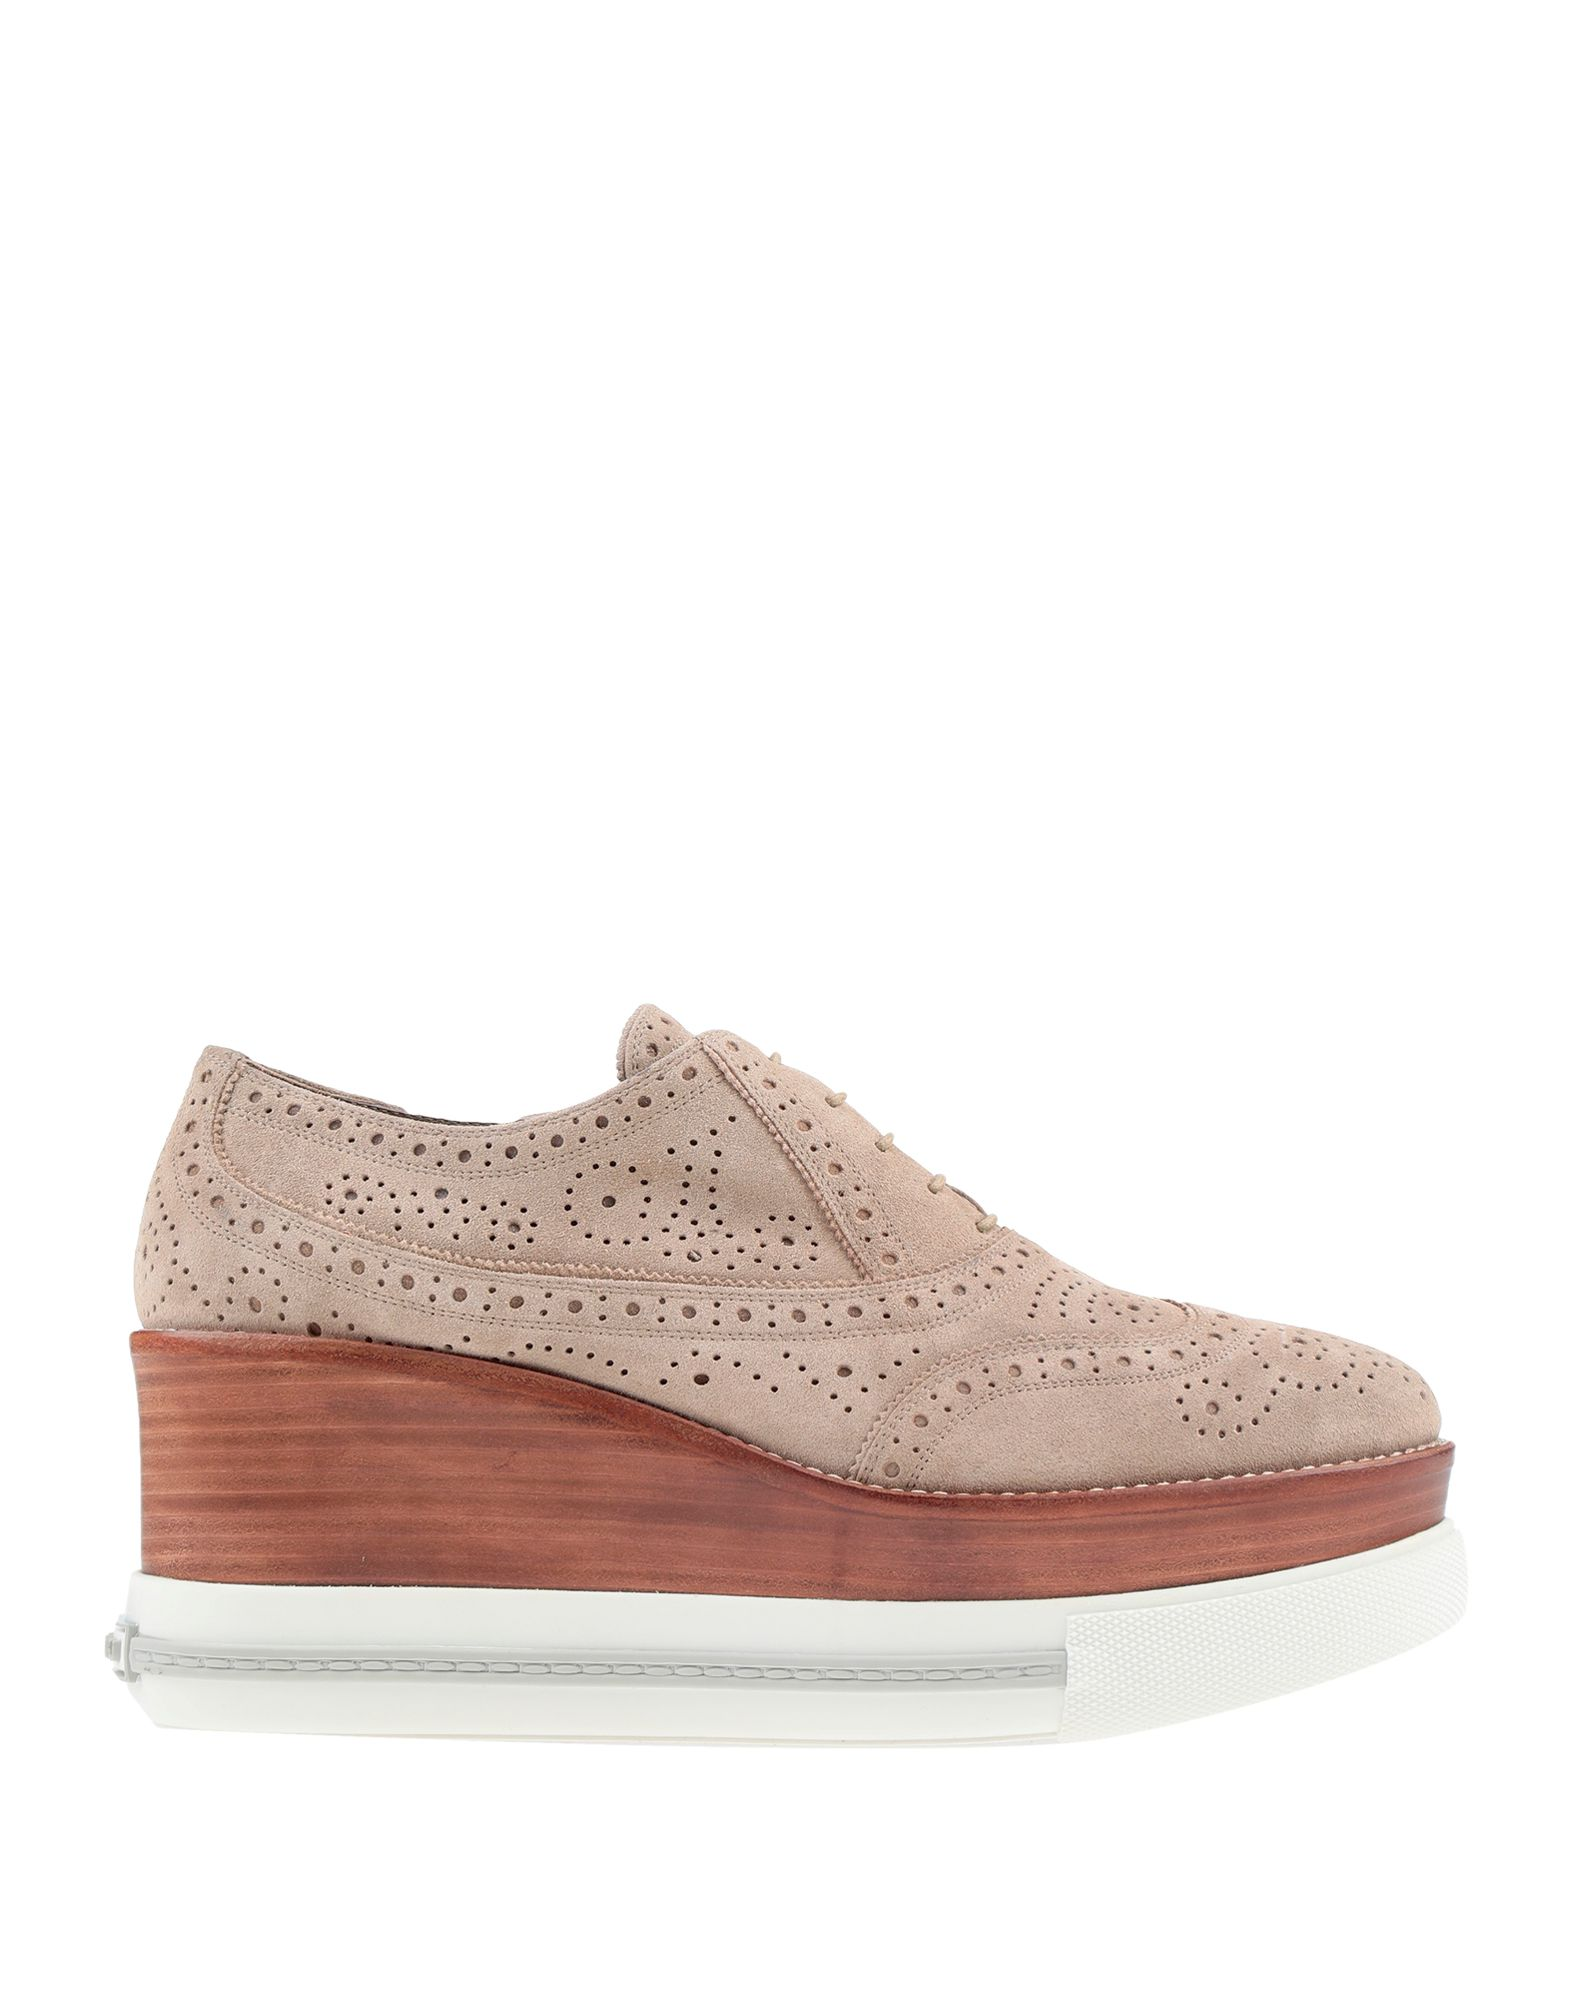 30328316b625d Miu Miu Laced Shoes - Women Miu Miu Laced Shoes online on YOOX ...